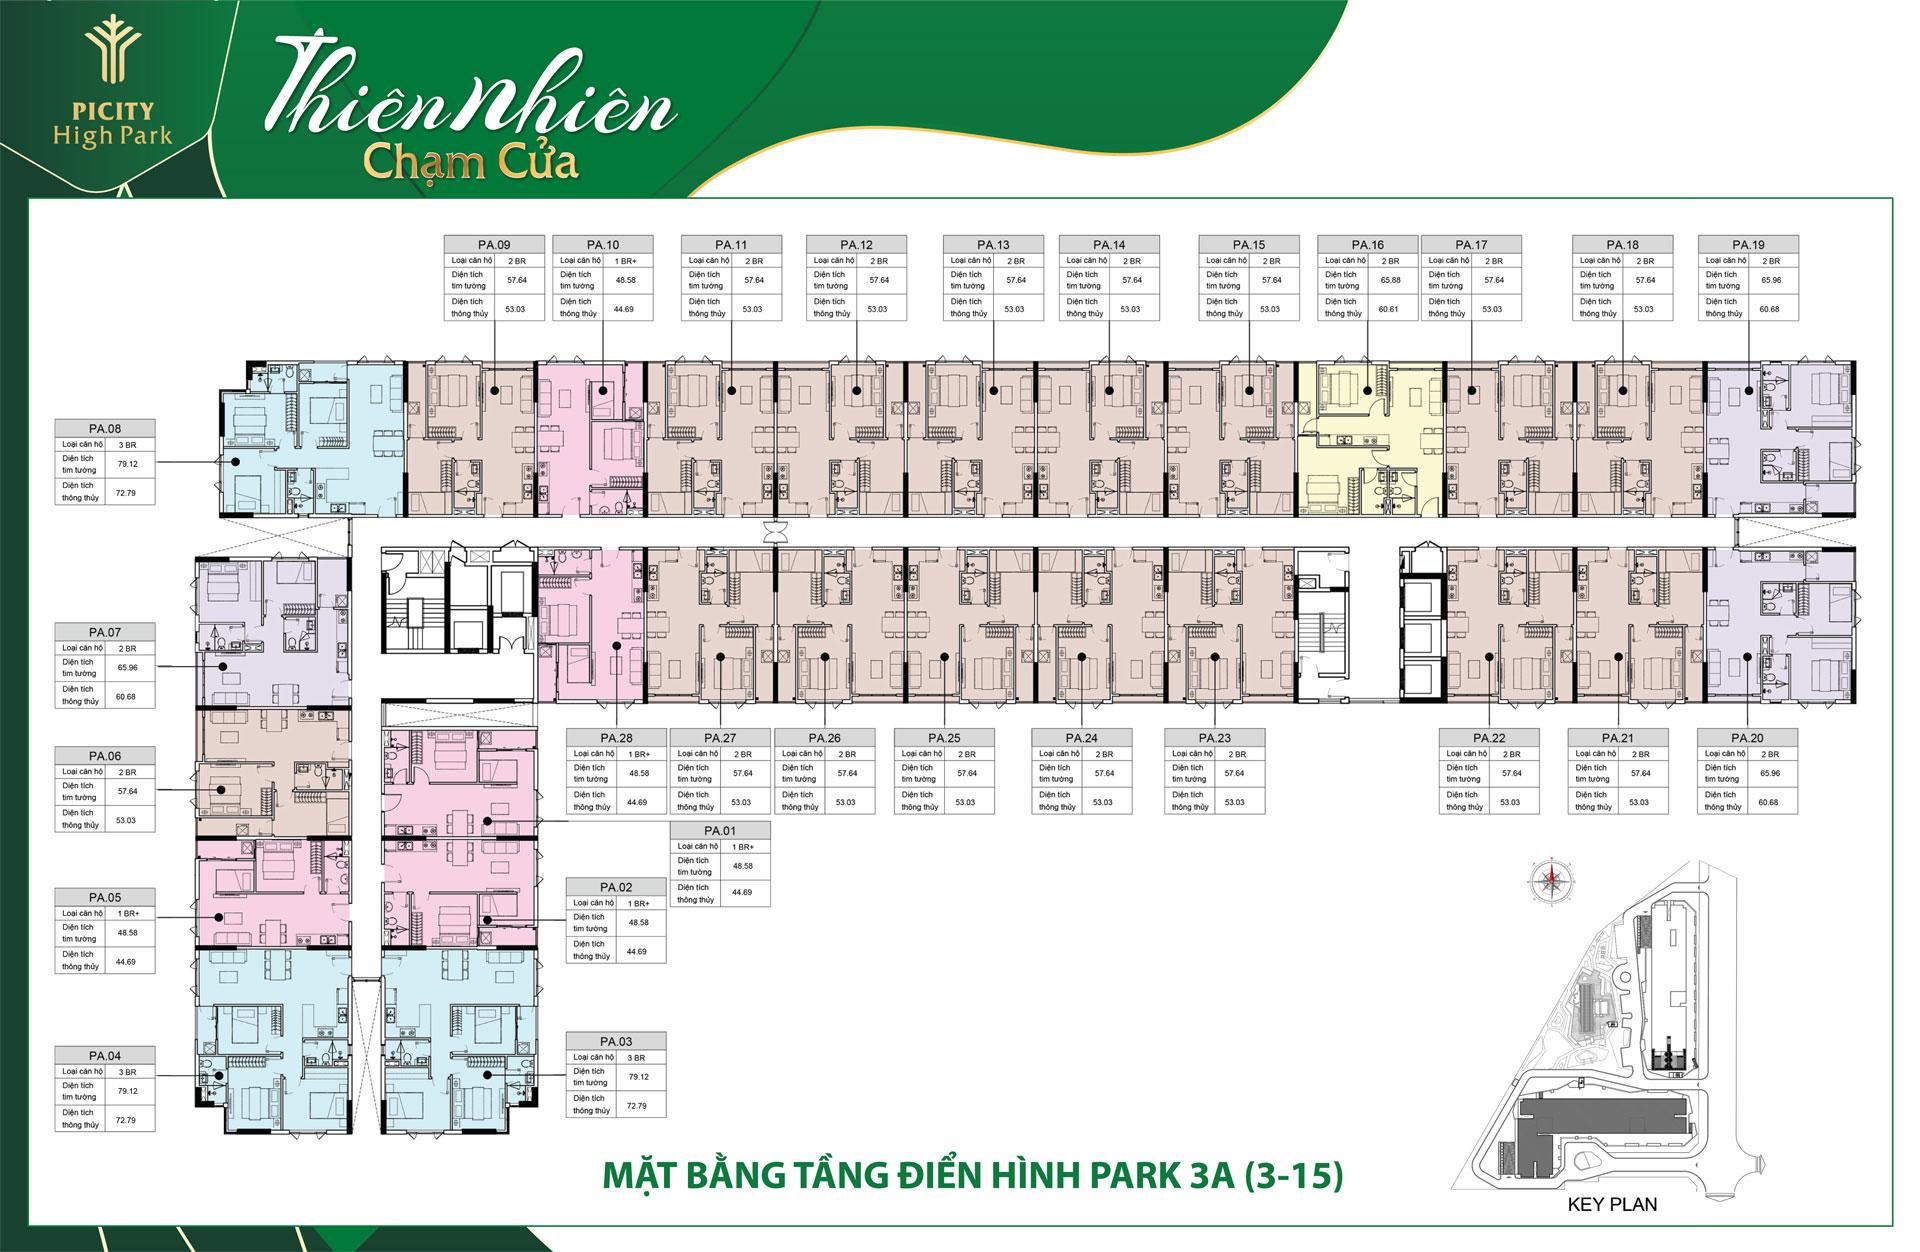 mat bang tang block park 3A picity high park - DỰ ÁN CĂN HỘ PICITY HIGH PARK THẠNH XUÂN QUẬN 12